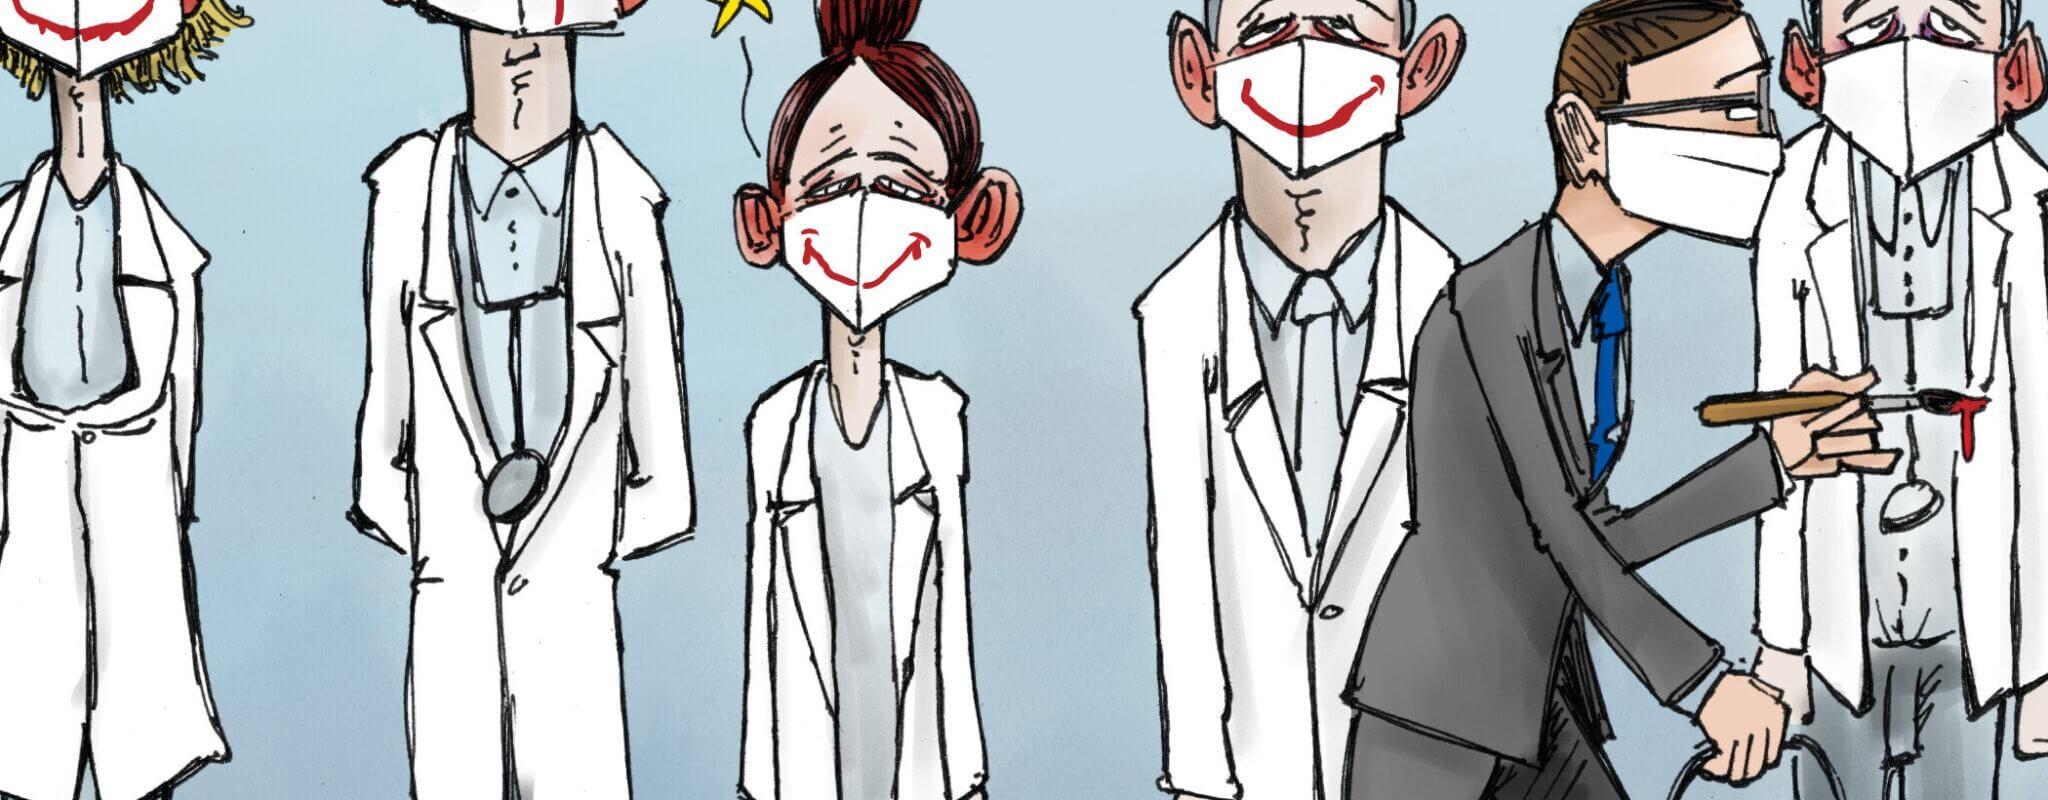 L'hôpital prend des mesures contre le burn out des internes